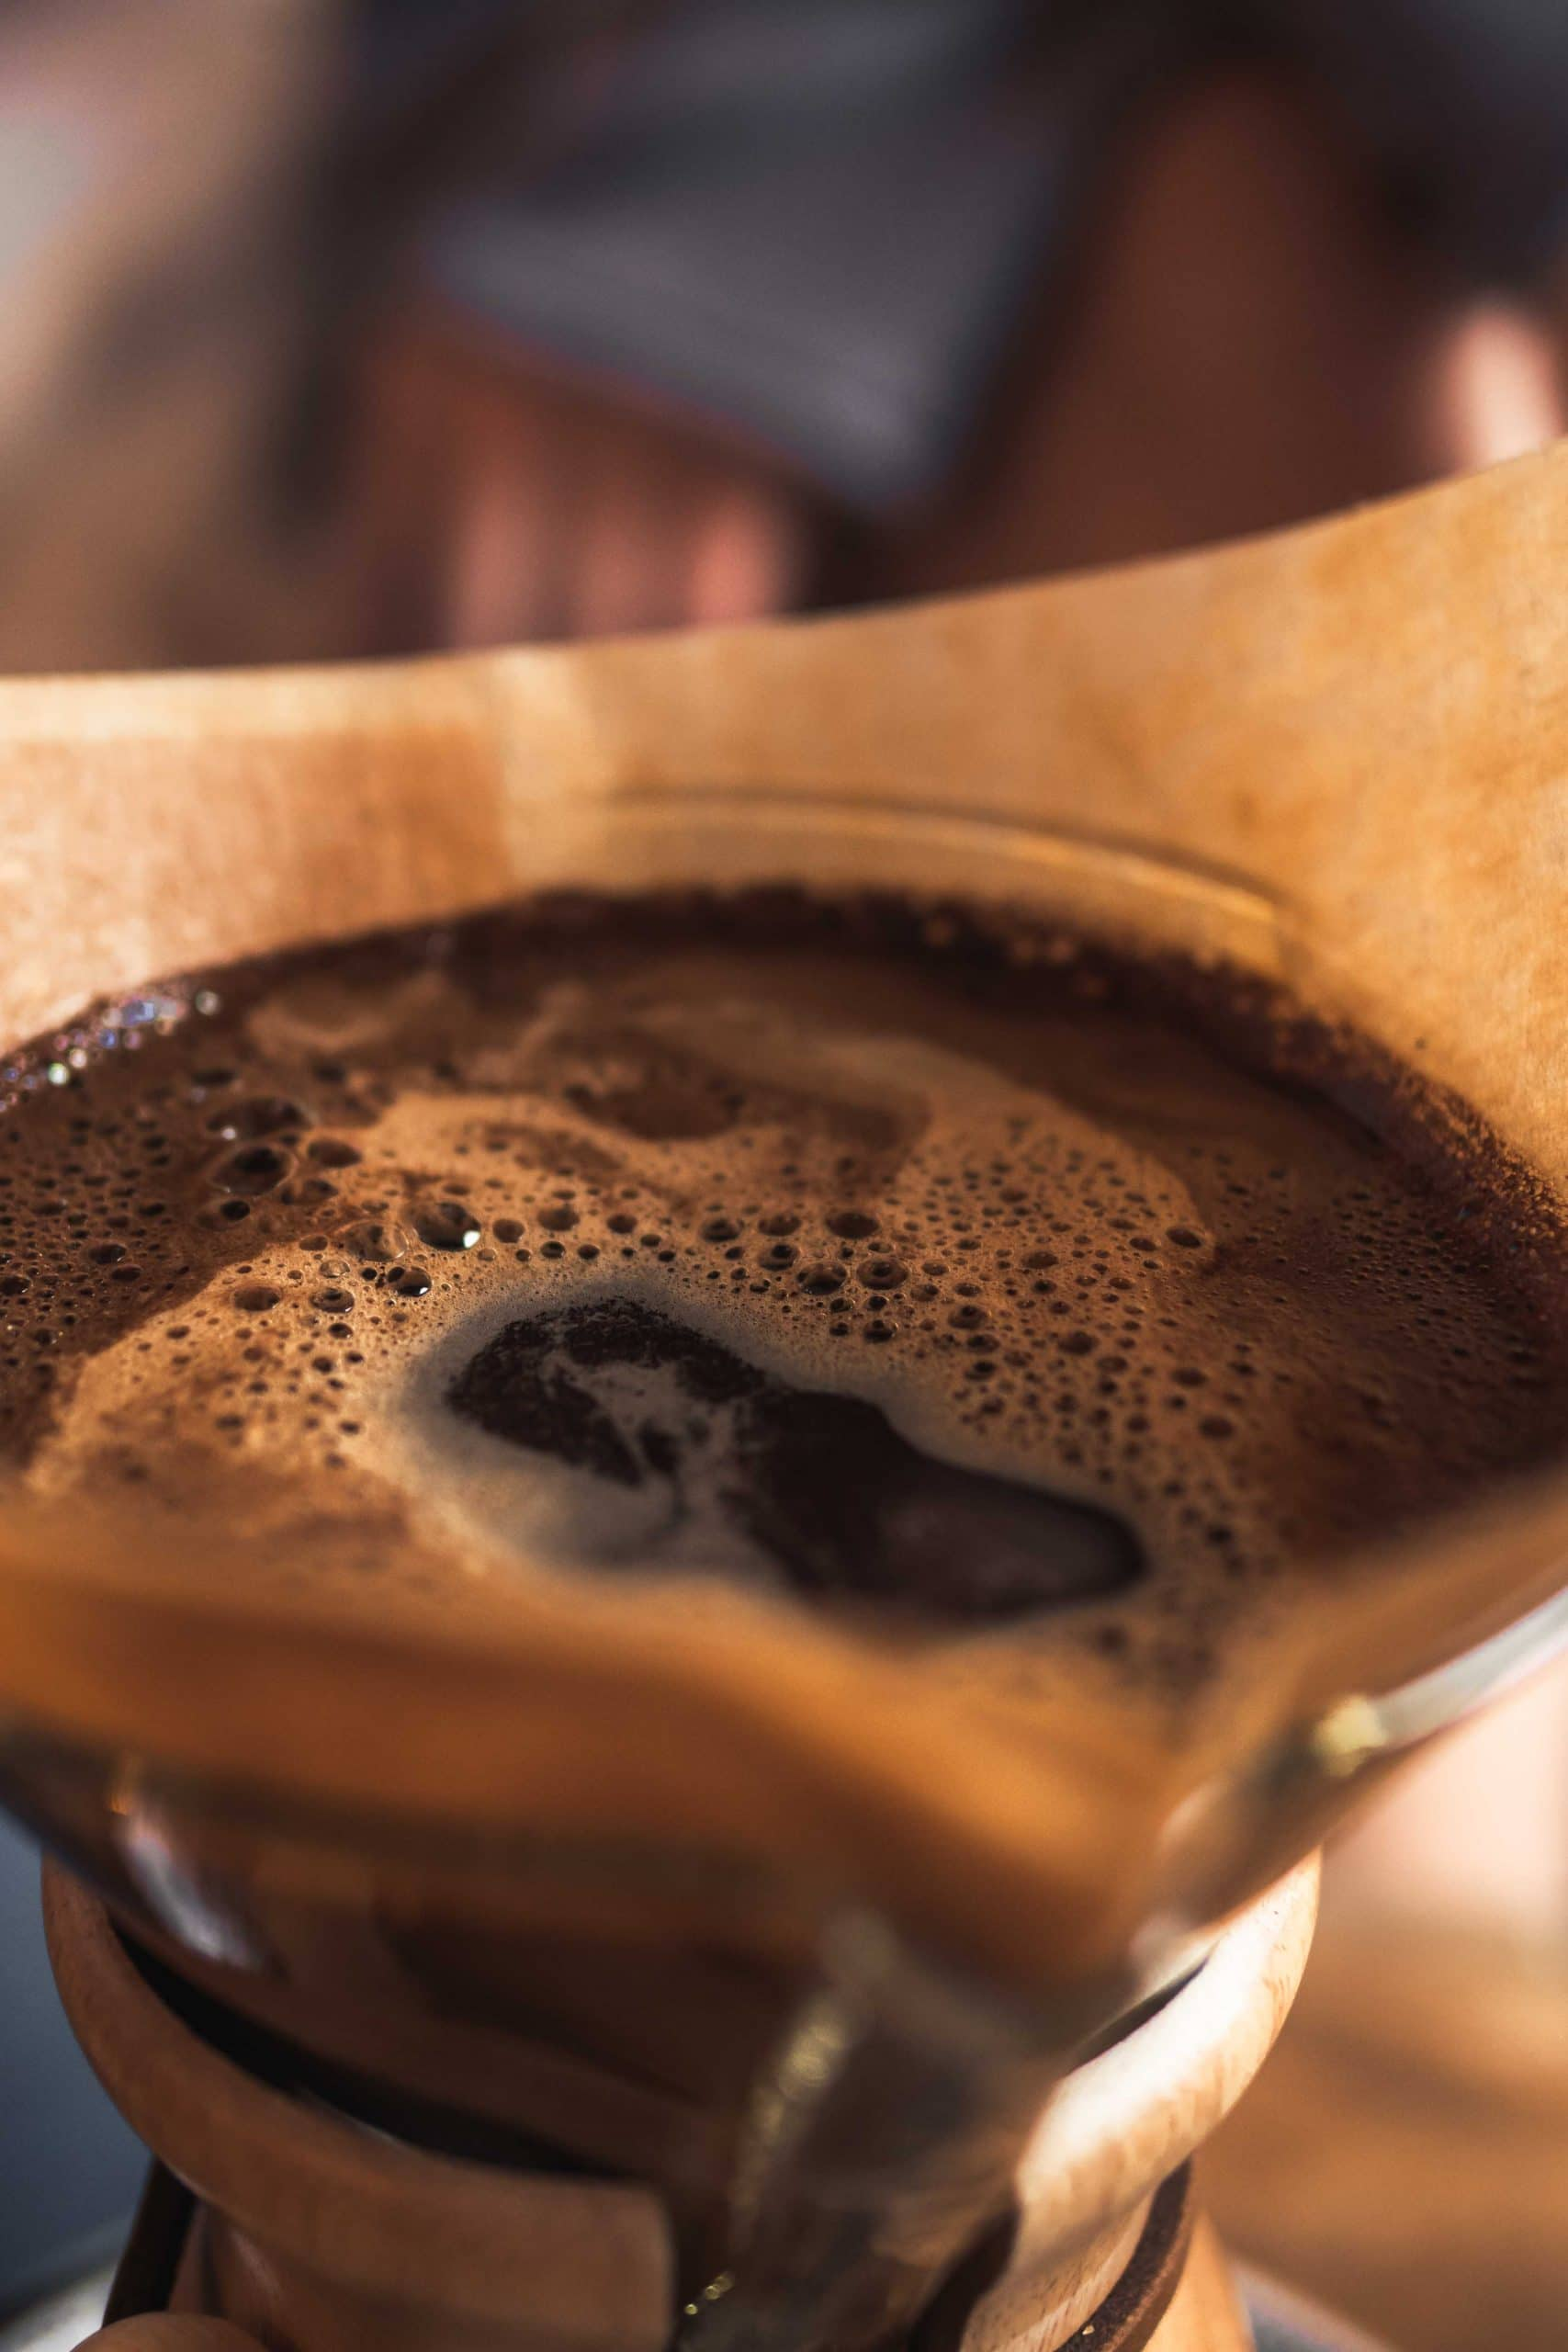 barista royal kaffee 67 von 130 scaled